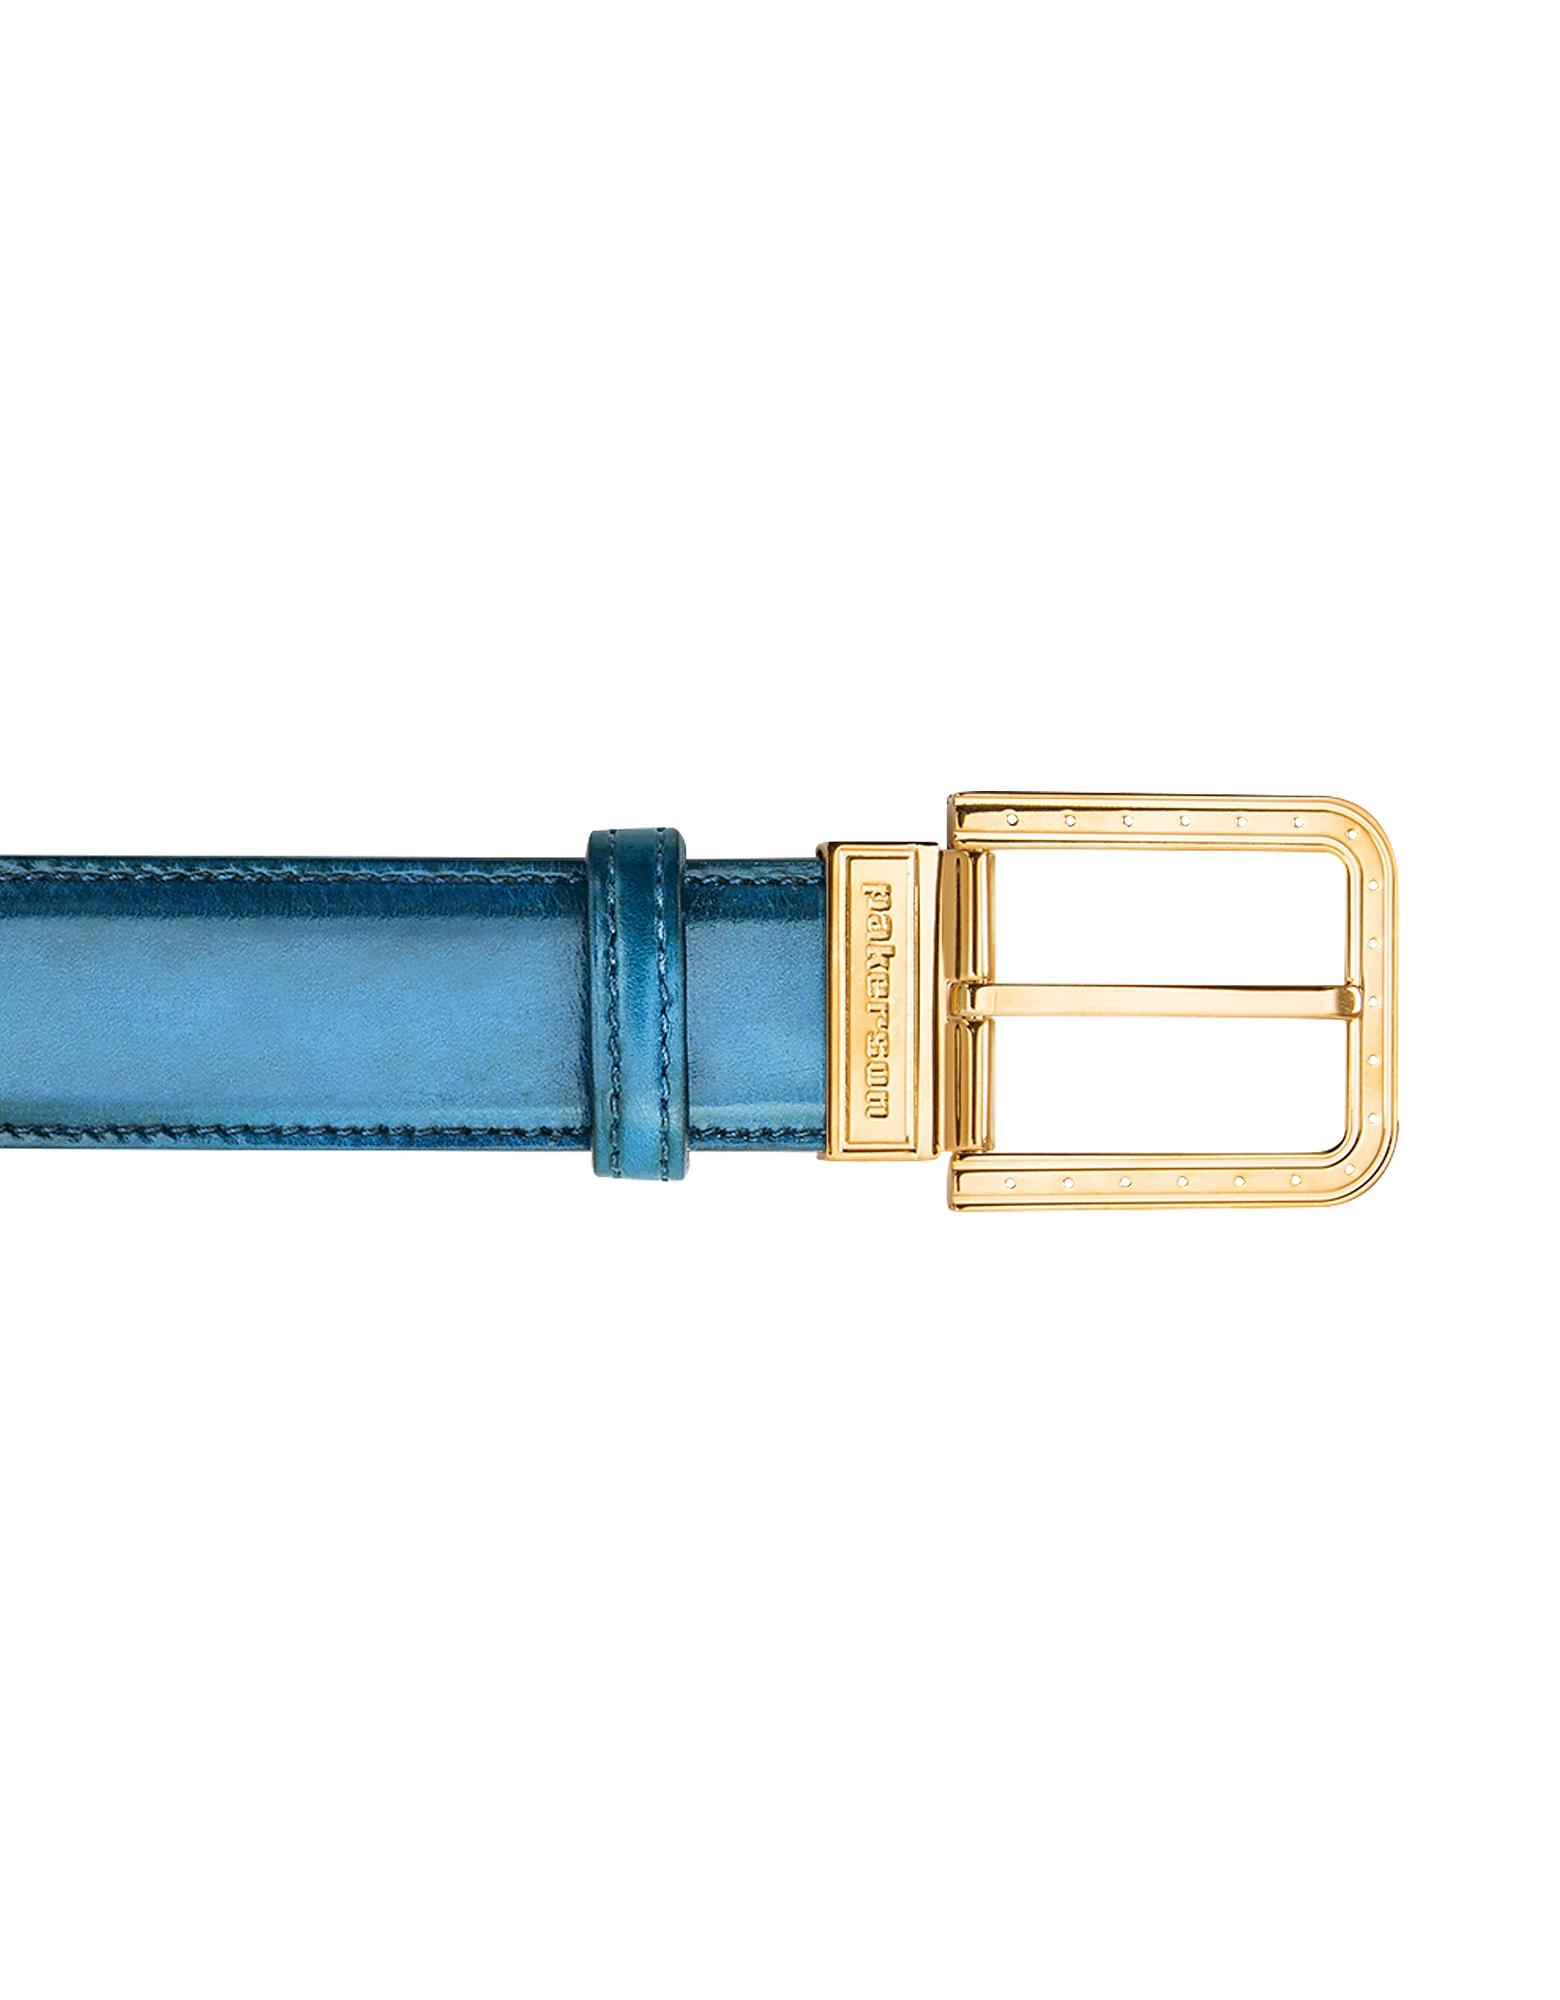 Pakerson Designer Men's Belts, Ripa Blue Bay Italian Leather Belt w/ Gold Buckle